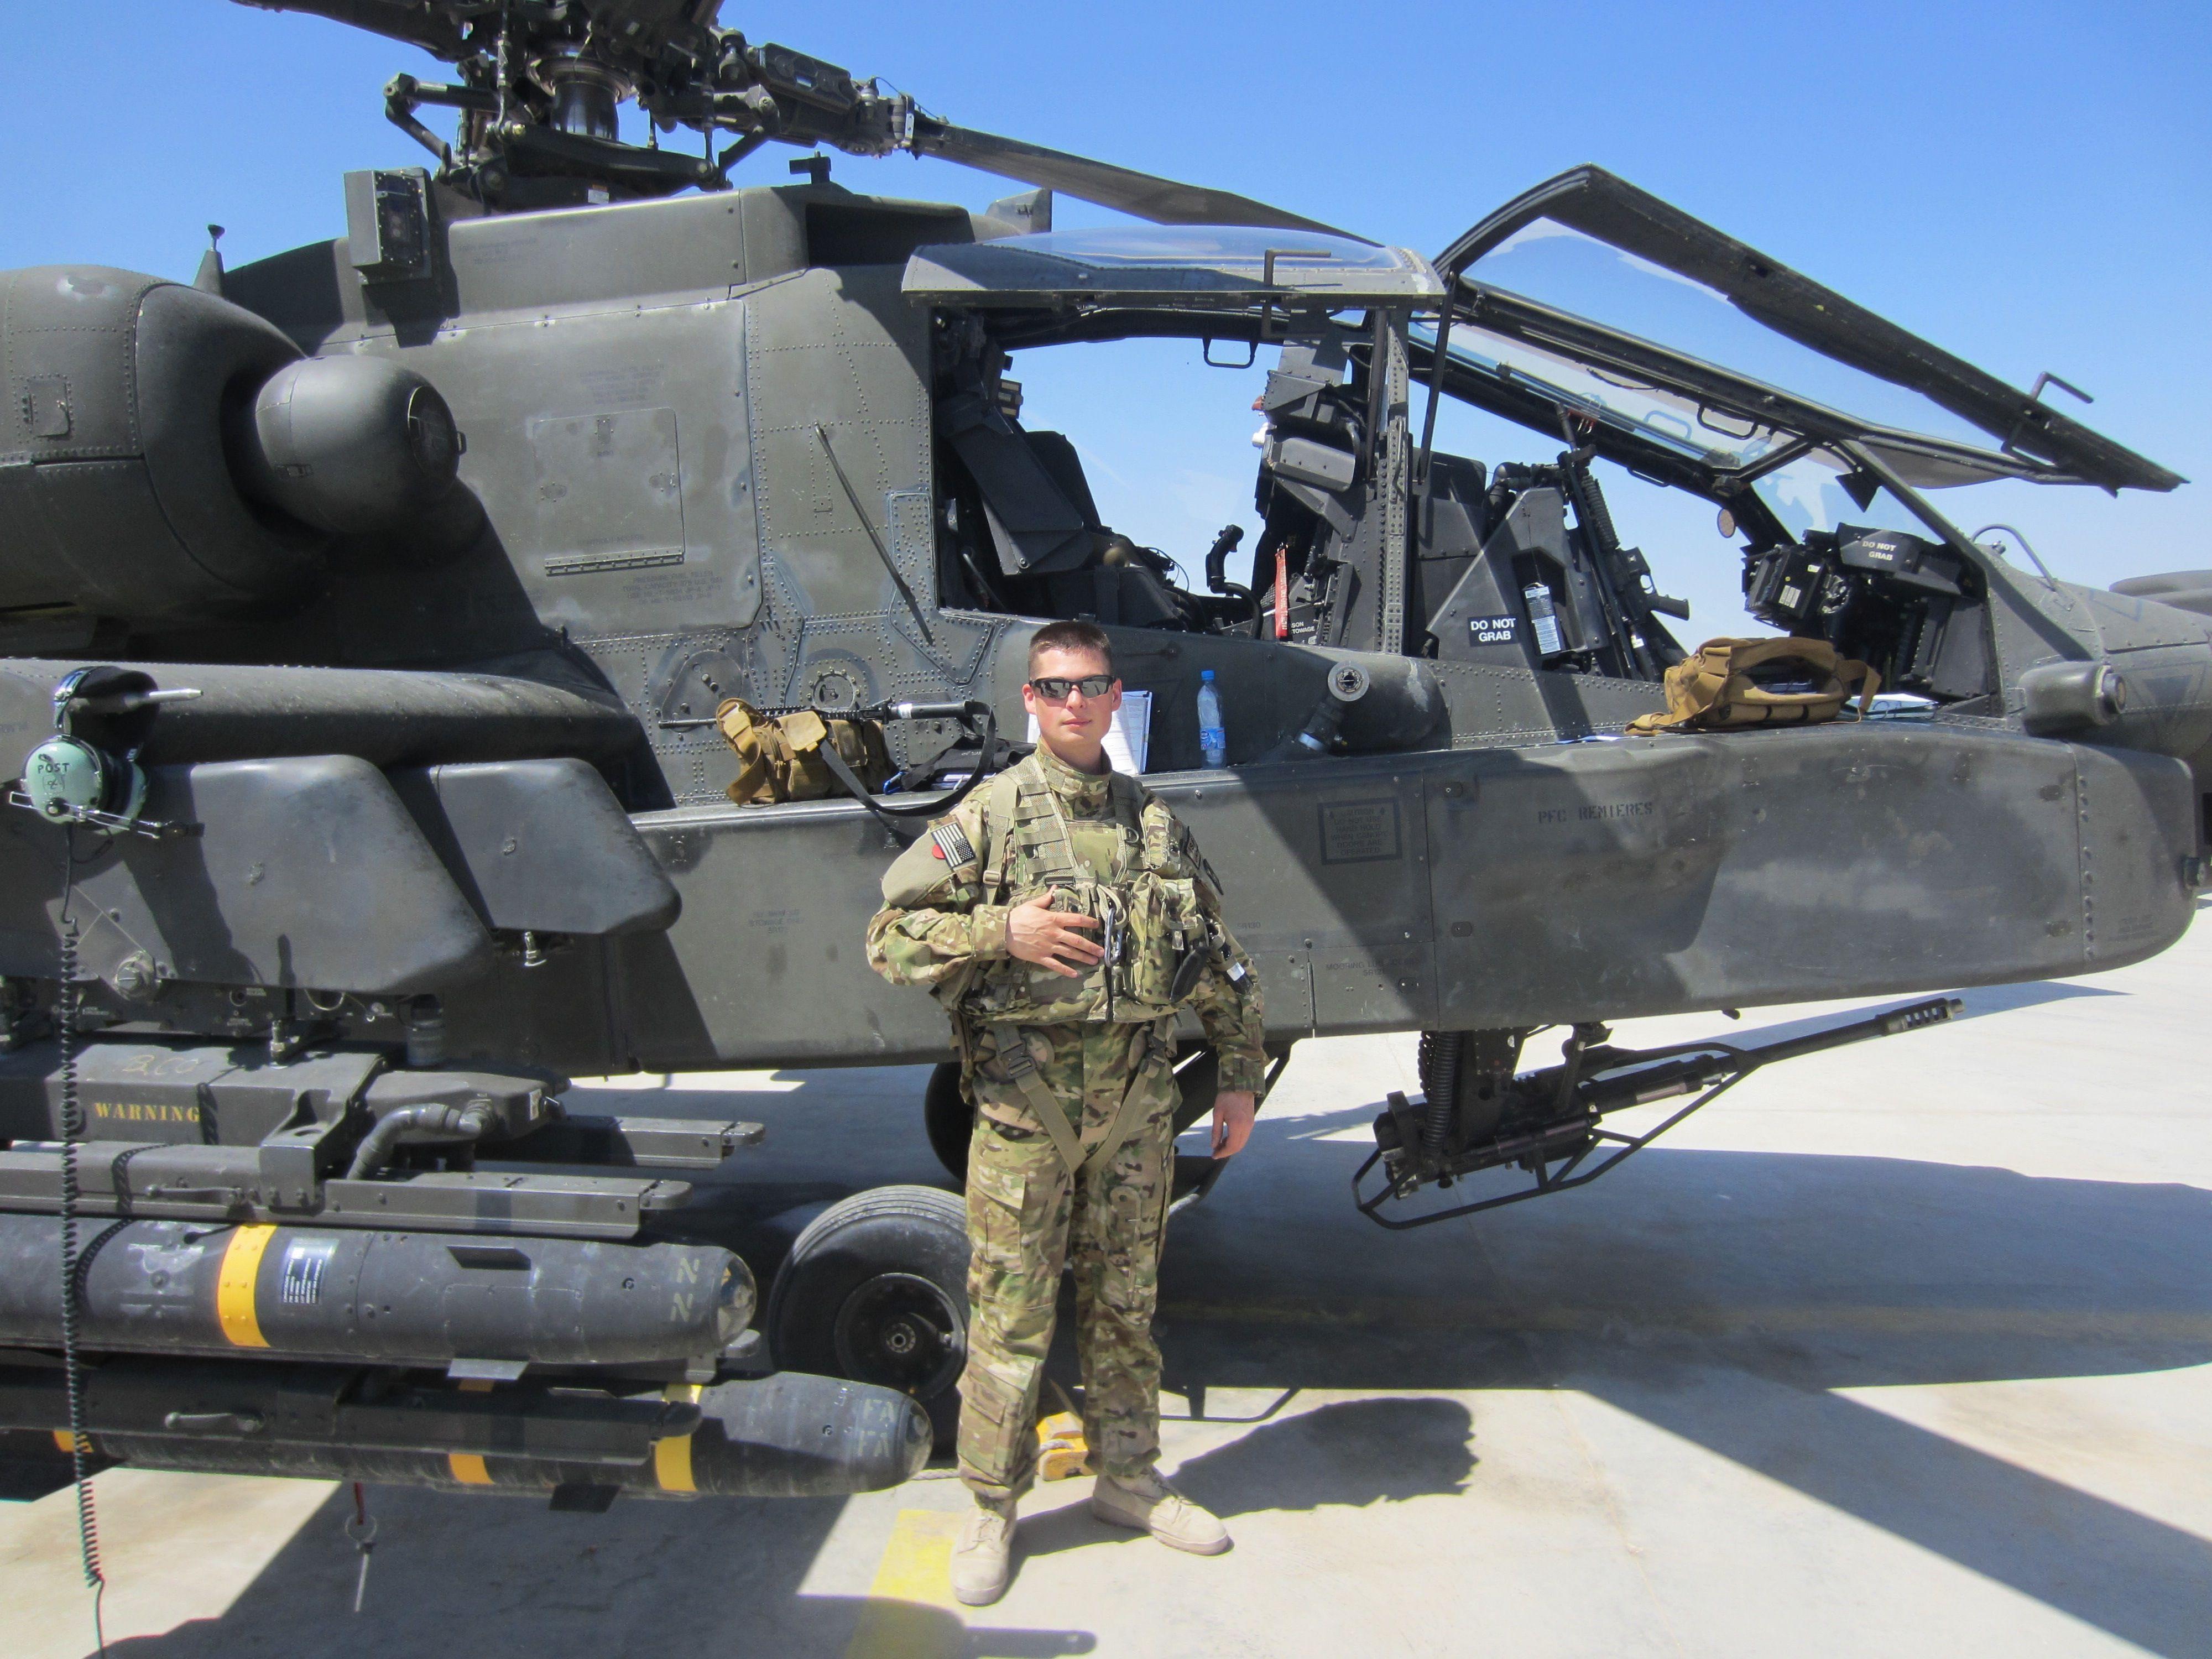 Brainard w Apache